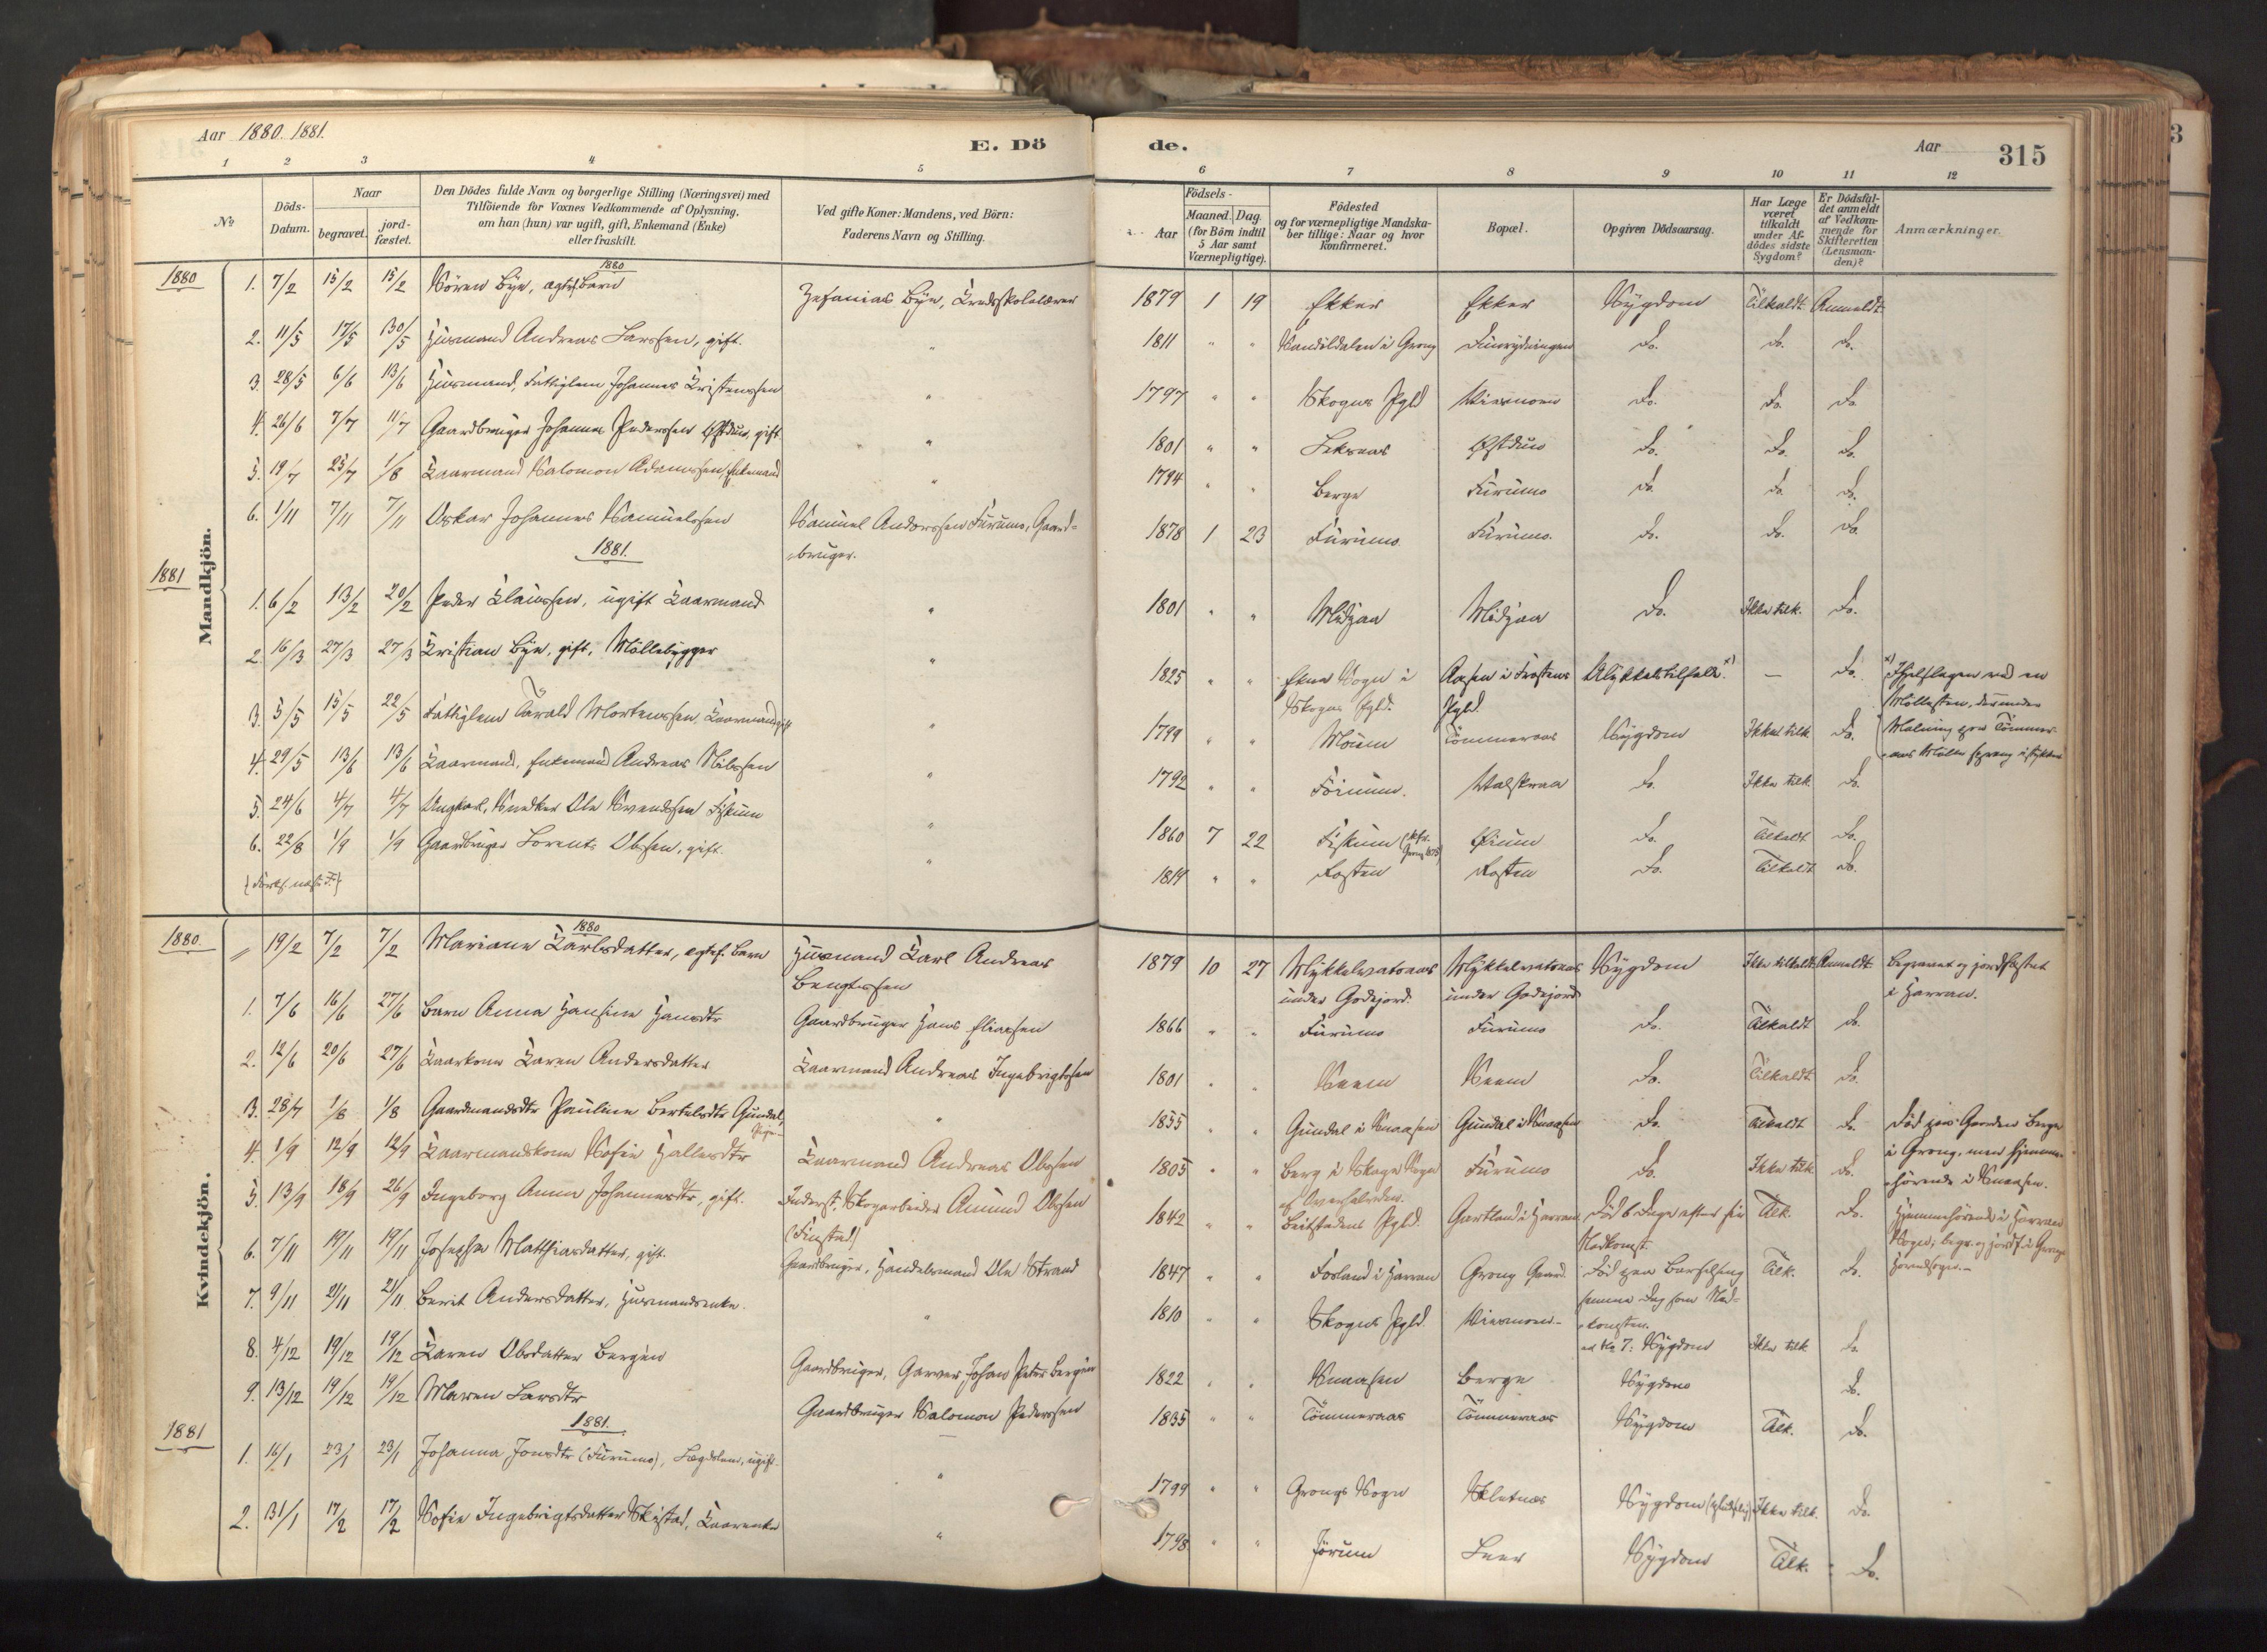 SAT, Ministerialprotokoller, klokkerbøker og fødselsregistre - Nord-Trøndelag, 758/L0519: Ministerialbok nr. 758A04, 1880-1926, s. 315